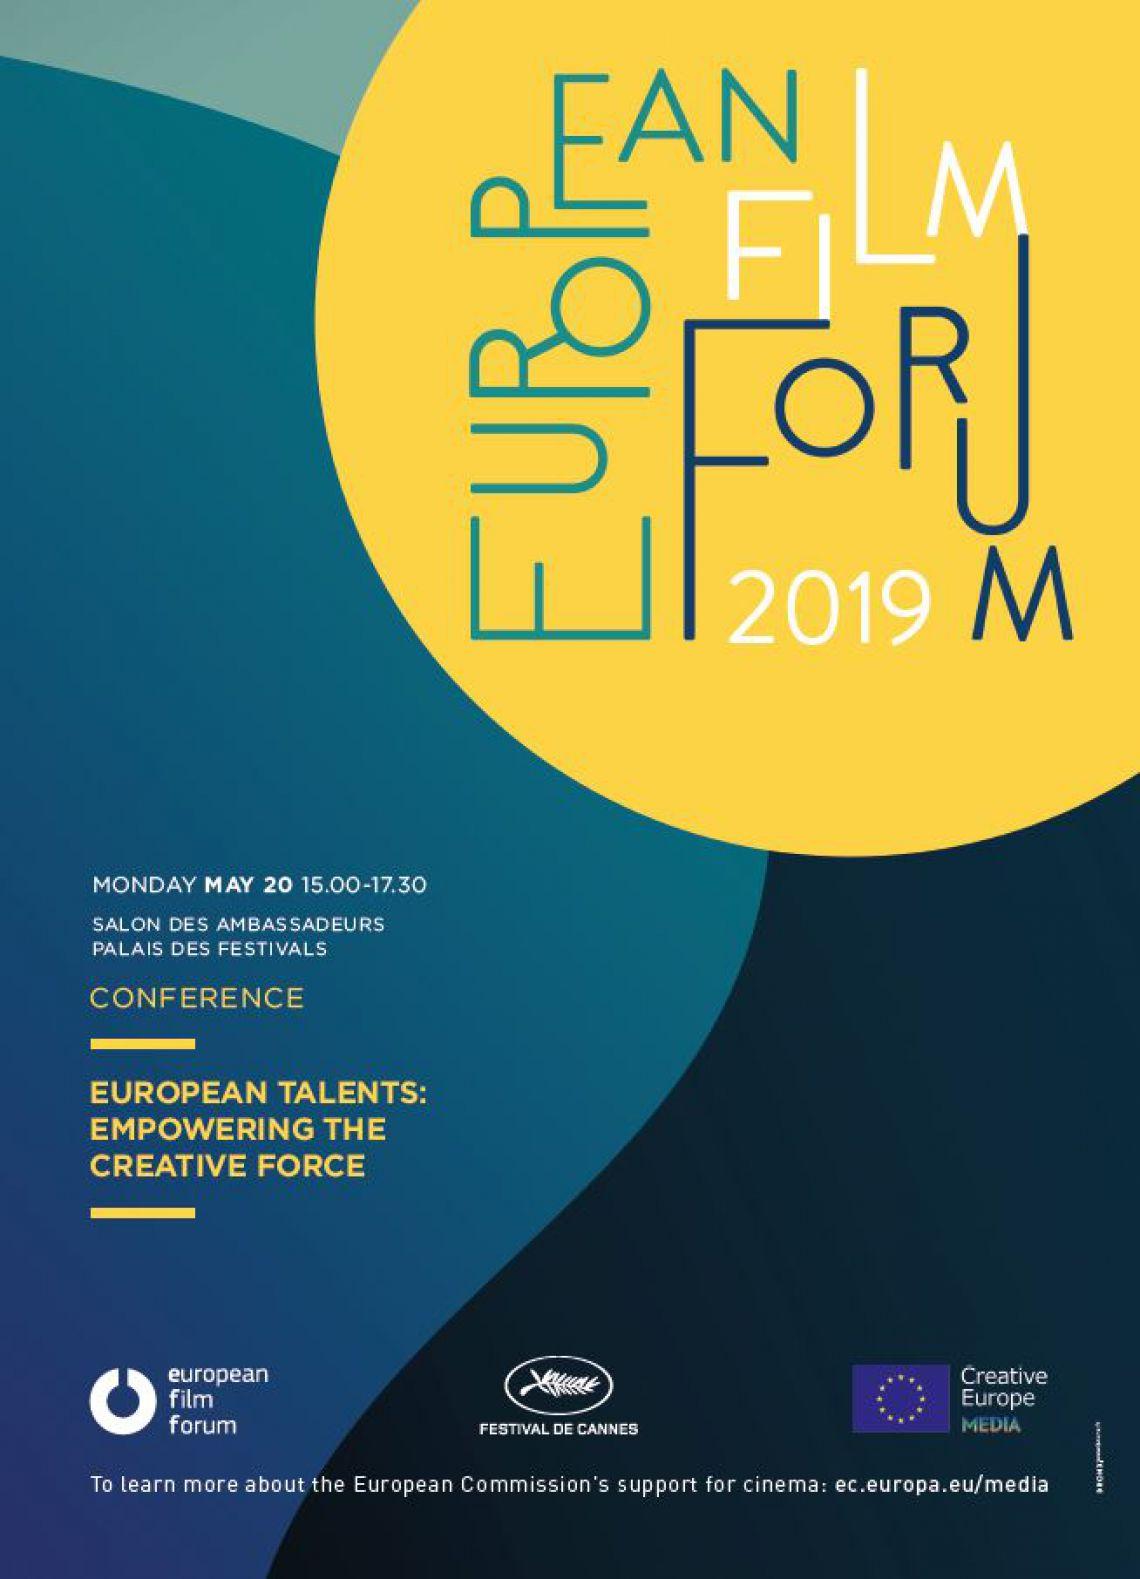 Събития на МЕДИА в рамките на Филмовия фестивал в Кан 2019